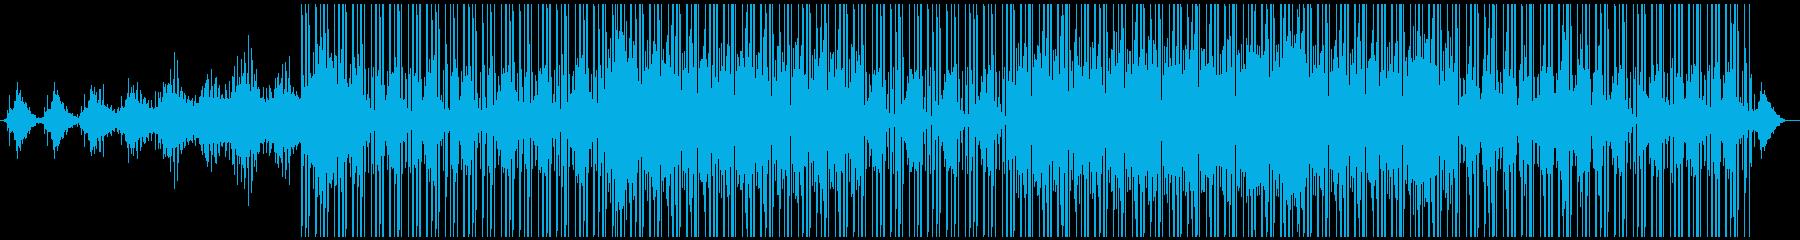 幻想的で浮遊感のあるダブテクノの再生済みの波形